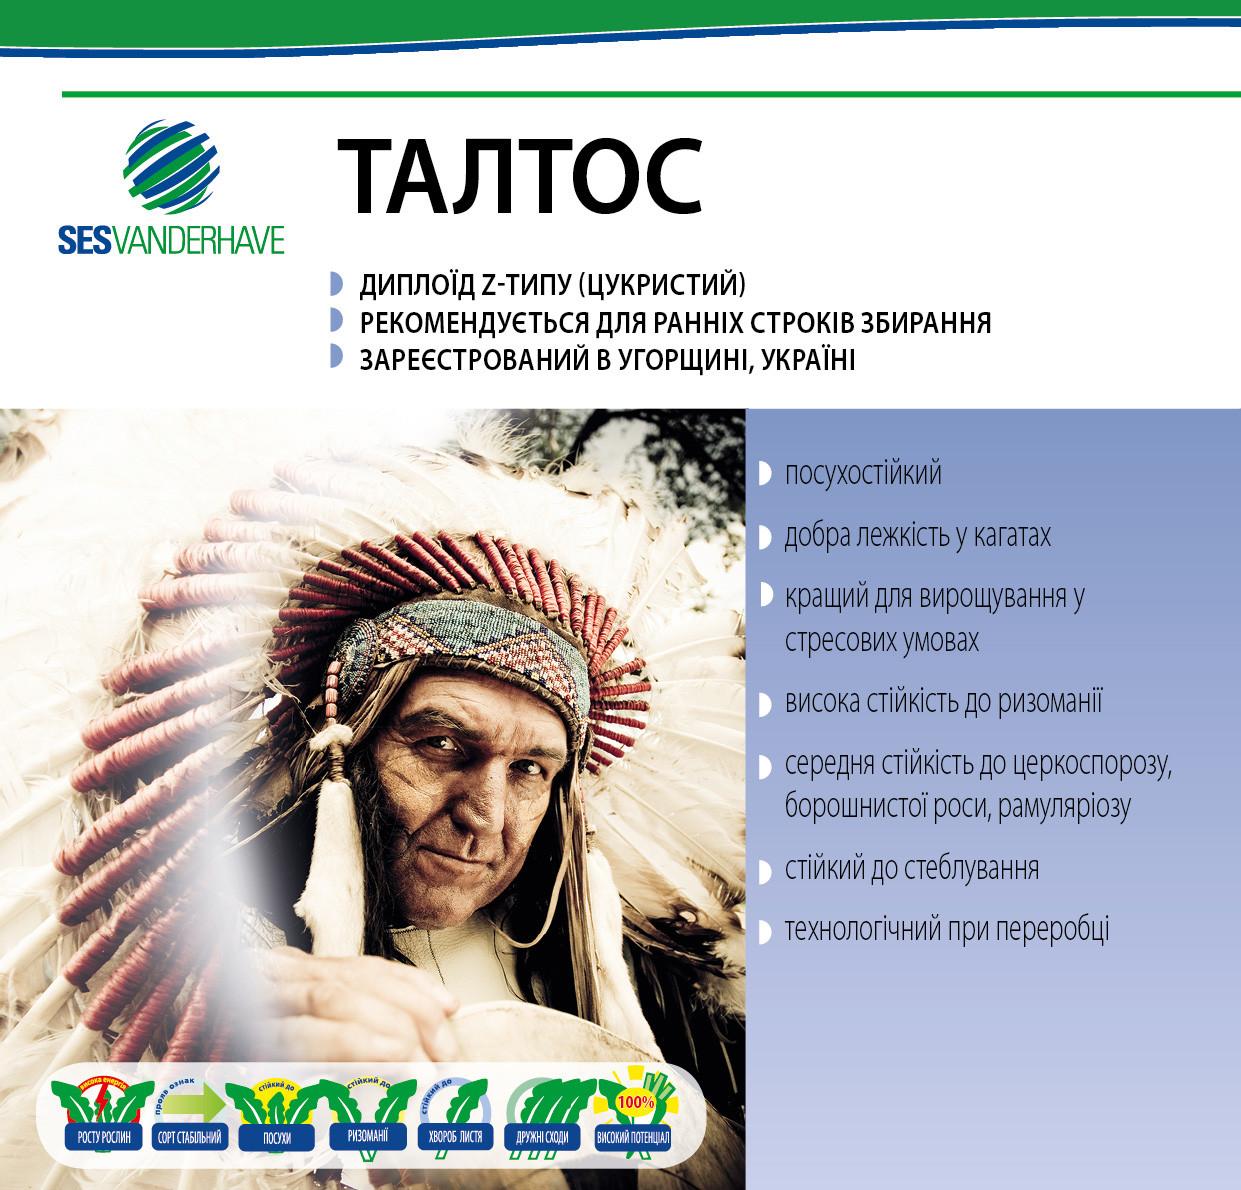 Талтос семена сахарной свеклы / насіння цукрового буряка Талтос  SESVanderHave 100000 нас. стандарт